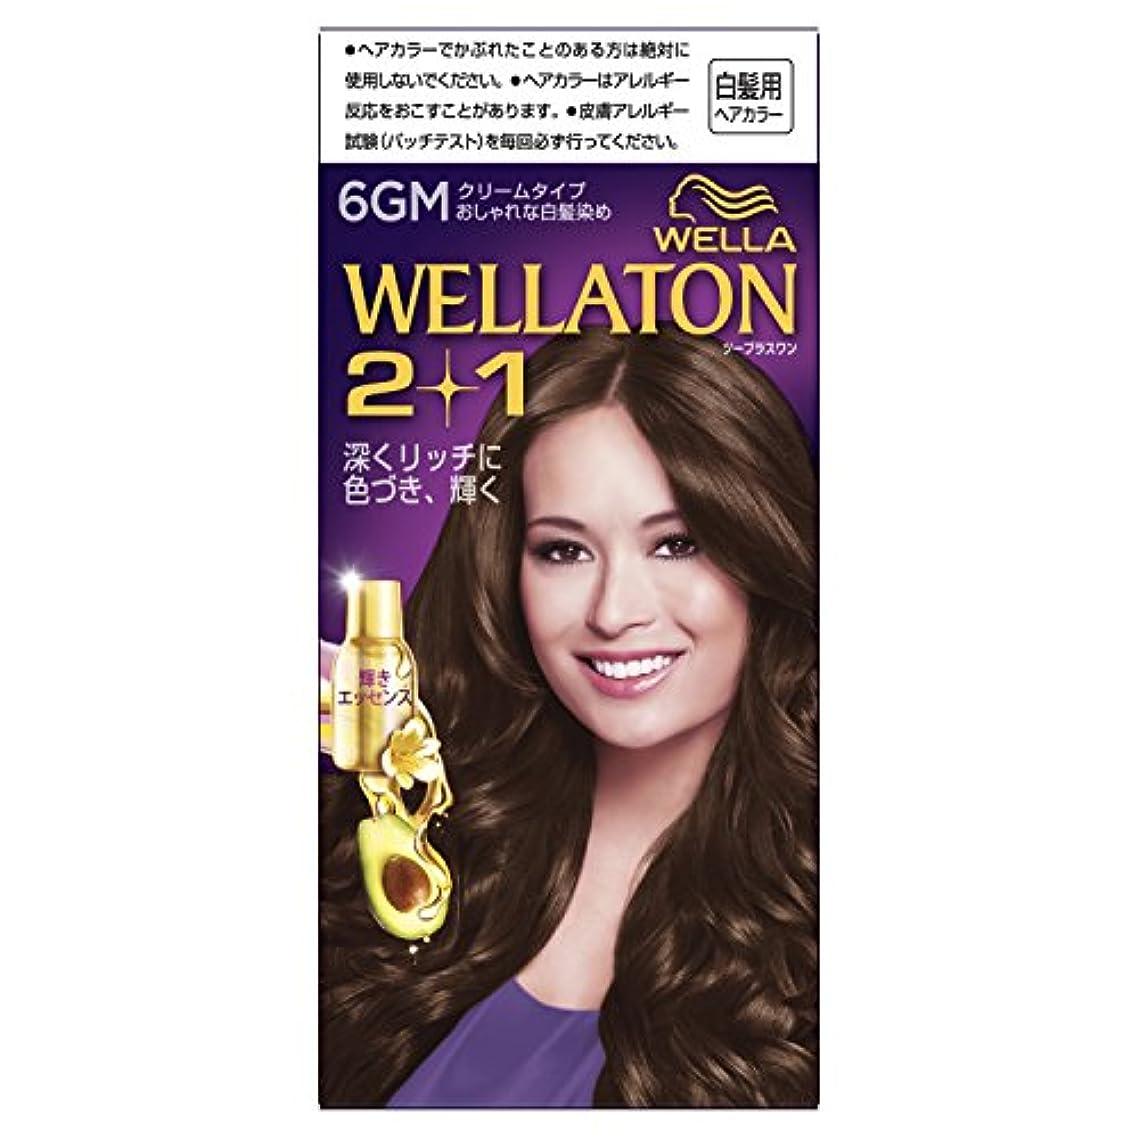 白雪姫ダイバーに沿ってウエラトーン2+1 クリームタイプ 6GM [医薬部外品](おしゃれな白髪染め)